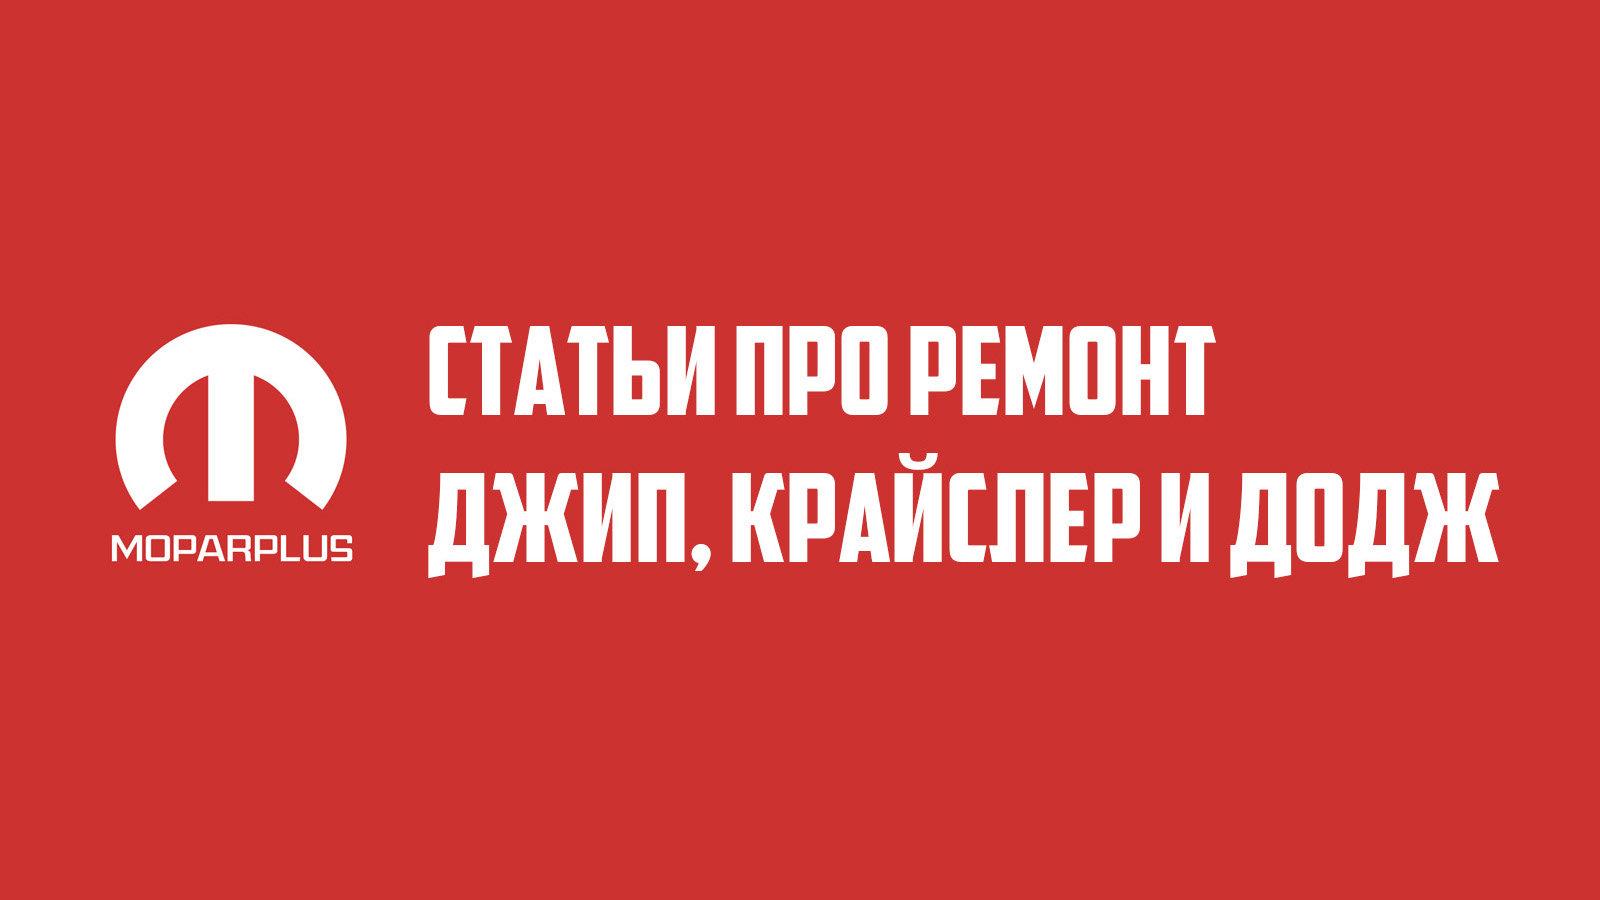 Статьи про ремонт. Выпуск №17.